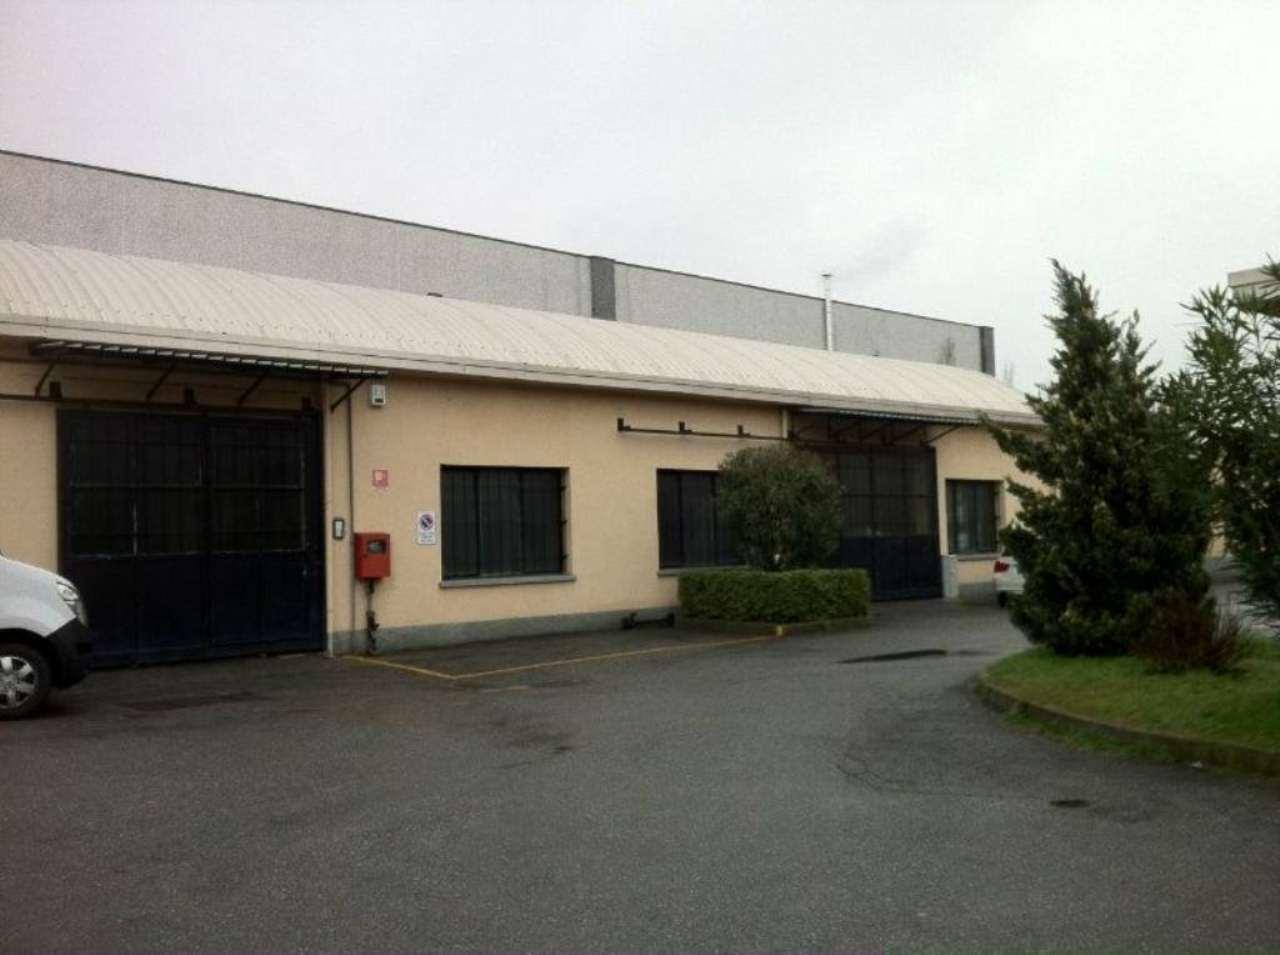 Capannone in vendita a Cinisello Balsamo, 1 locali, prezzo € 265.000 | Cambio Casa.it